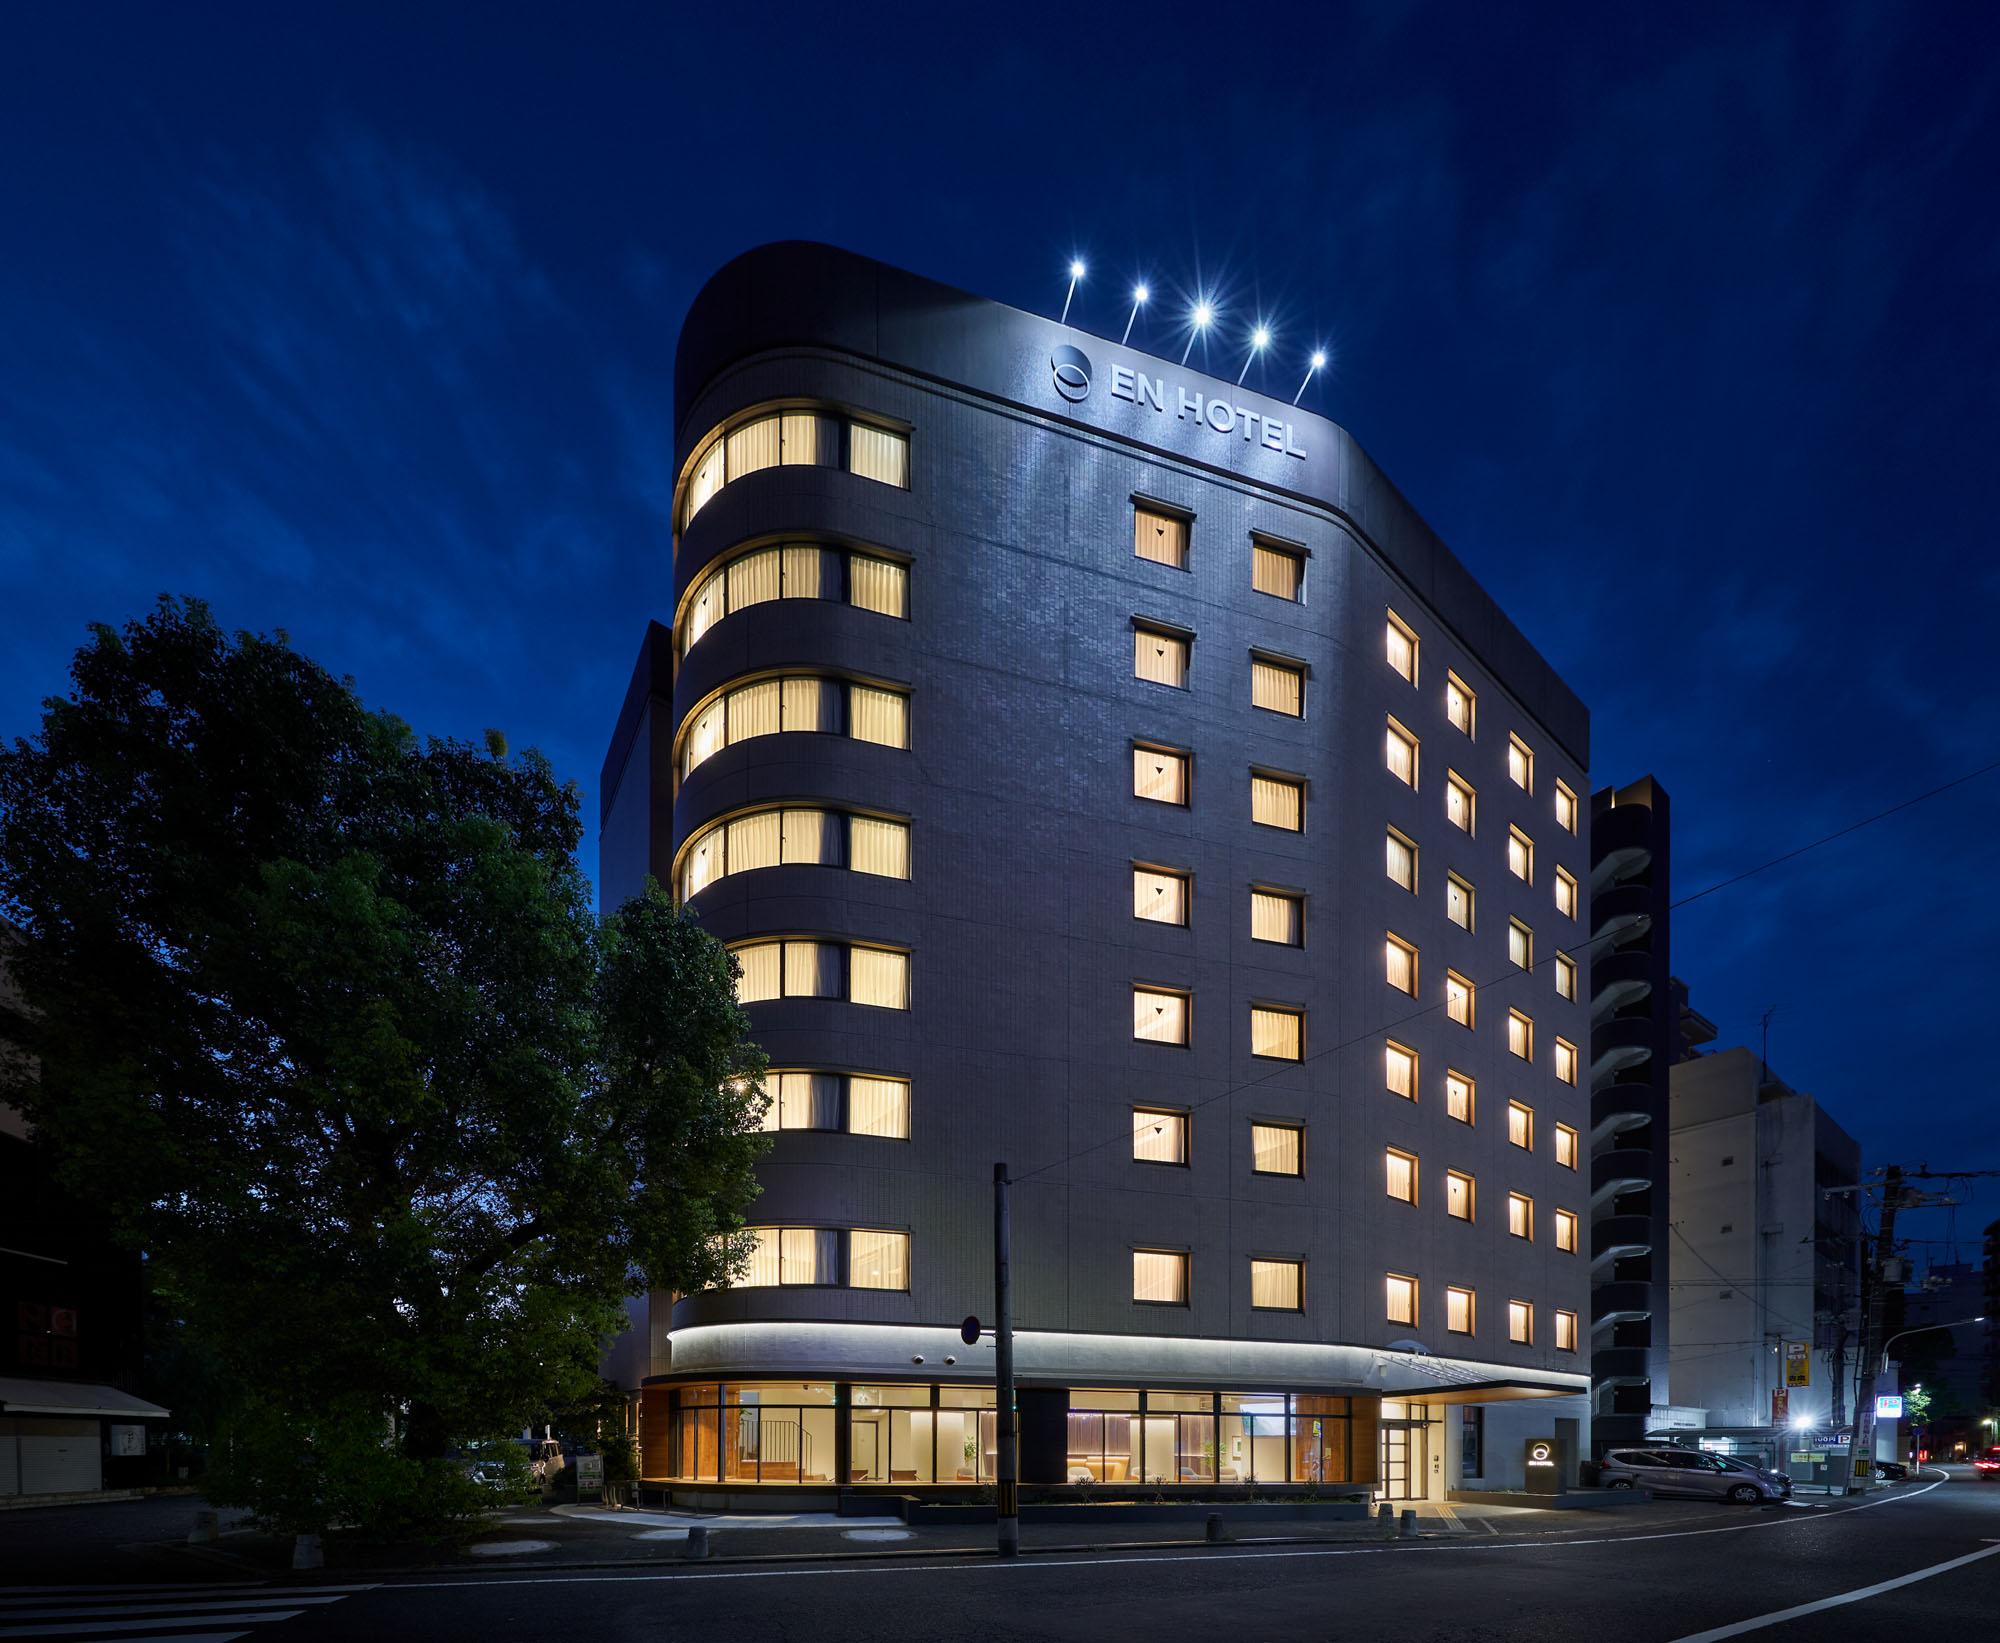 コートホテル広島(旧 マルコーイン・広島)